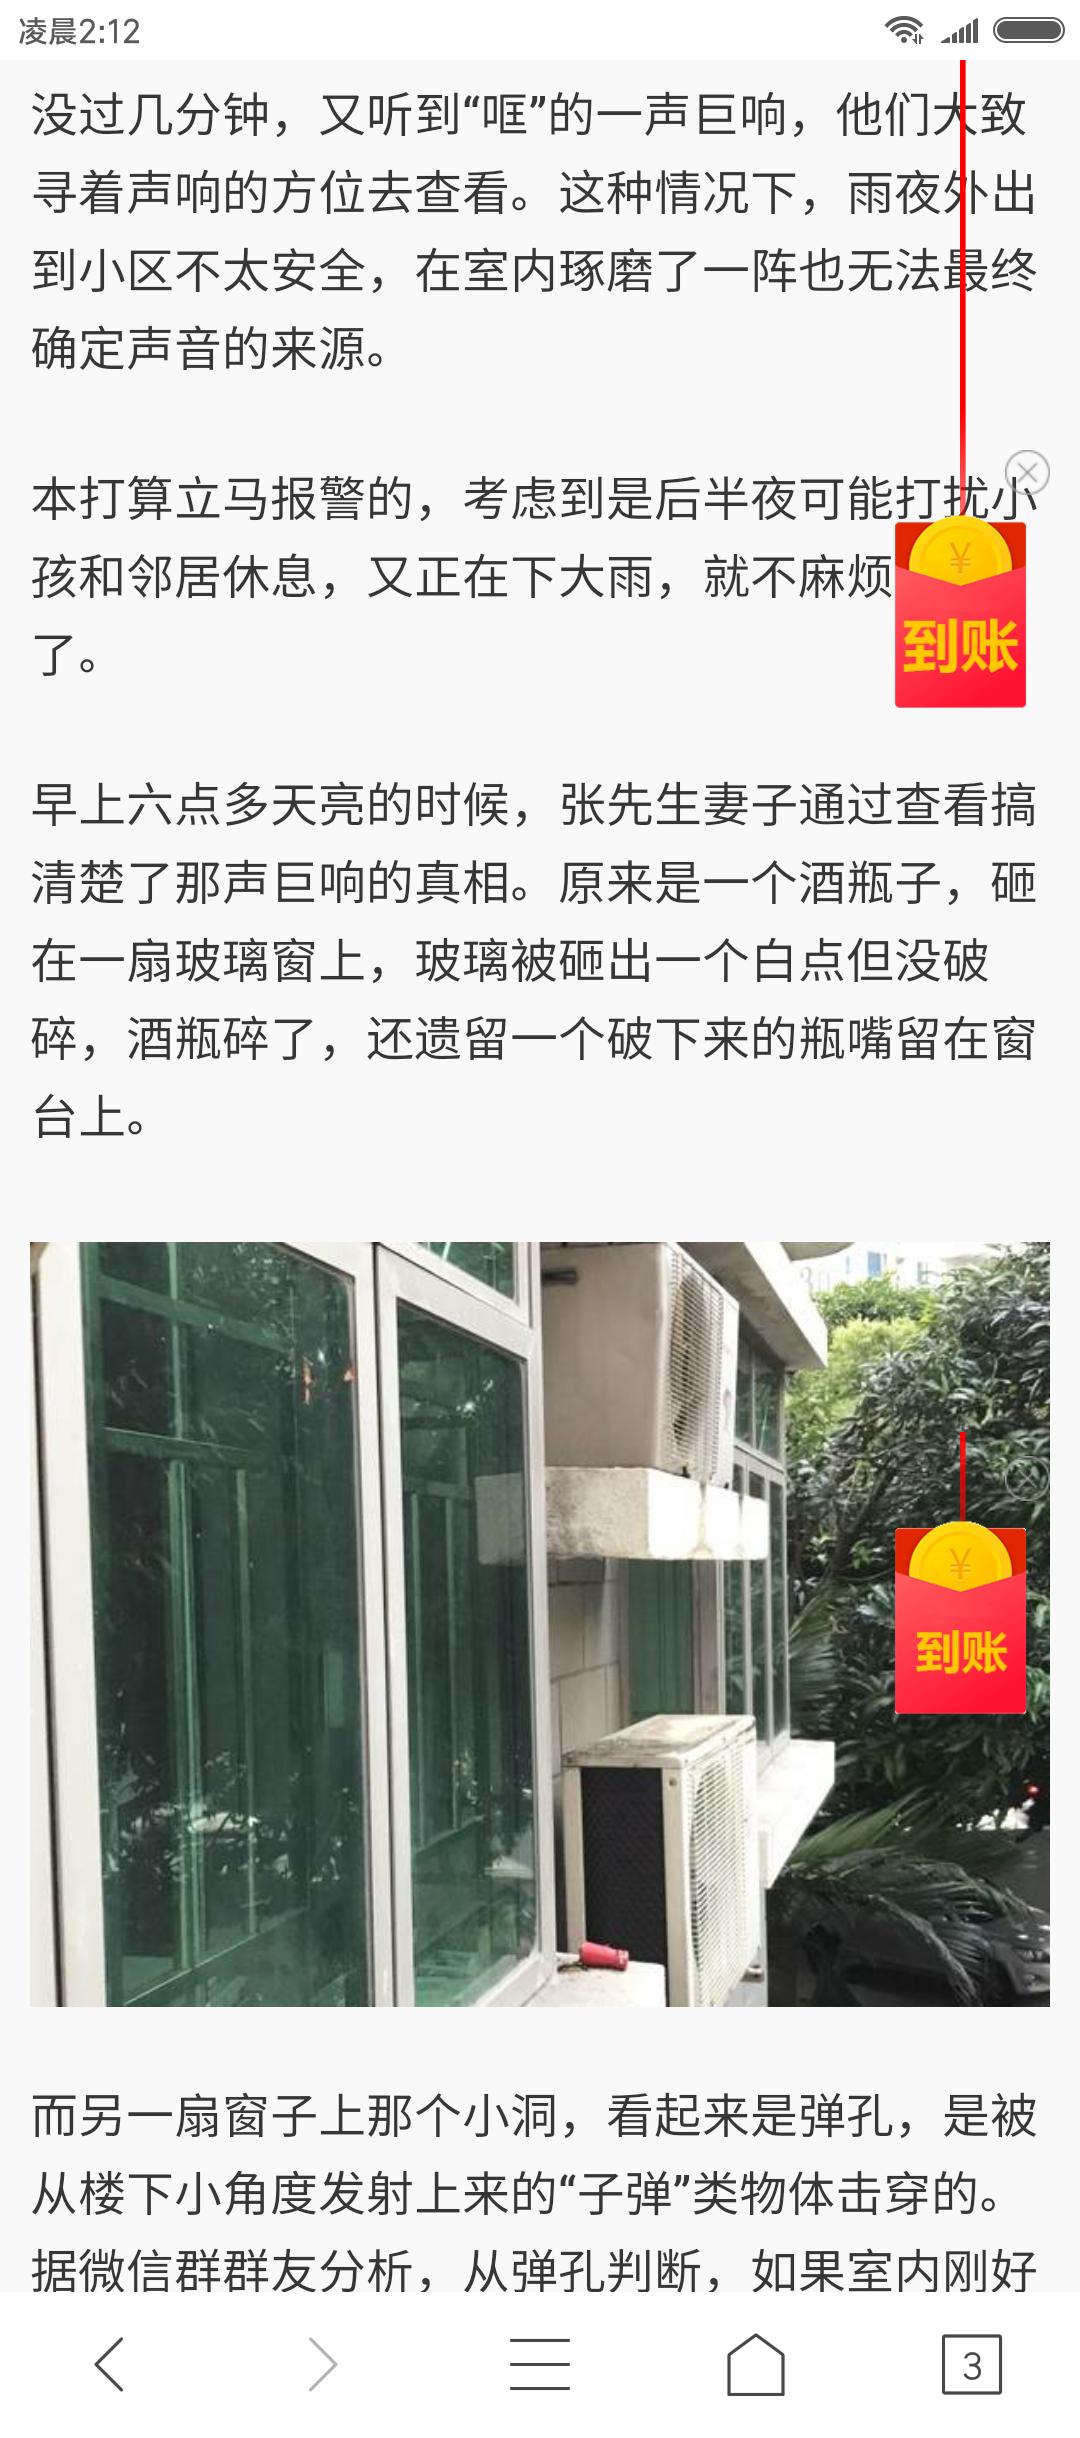 Screenshot_2018-07-25-02-12-01-951_com.ijinshan.browser_fast.png